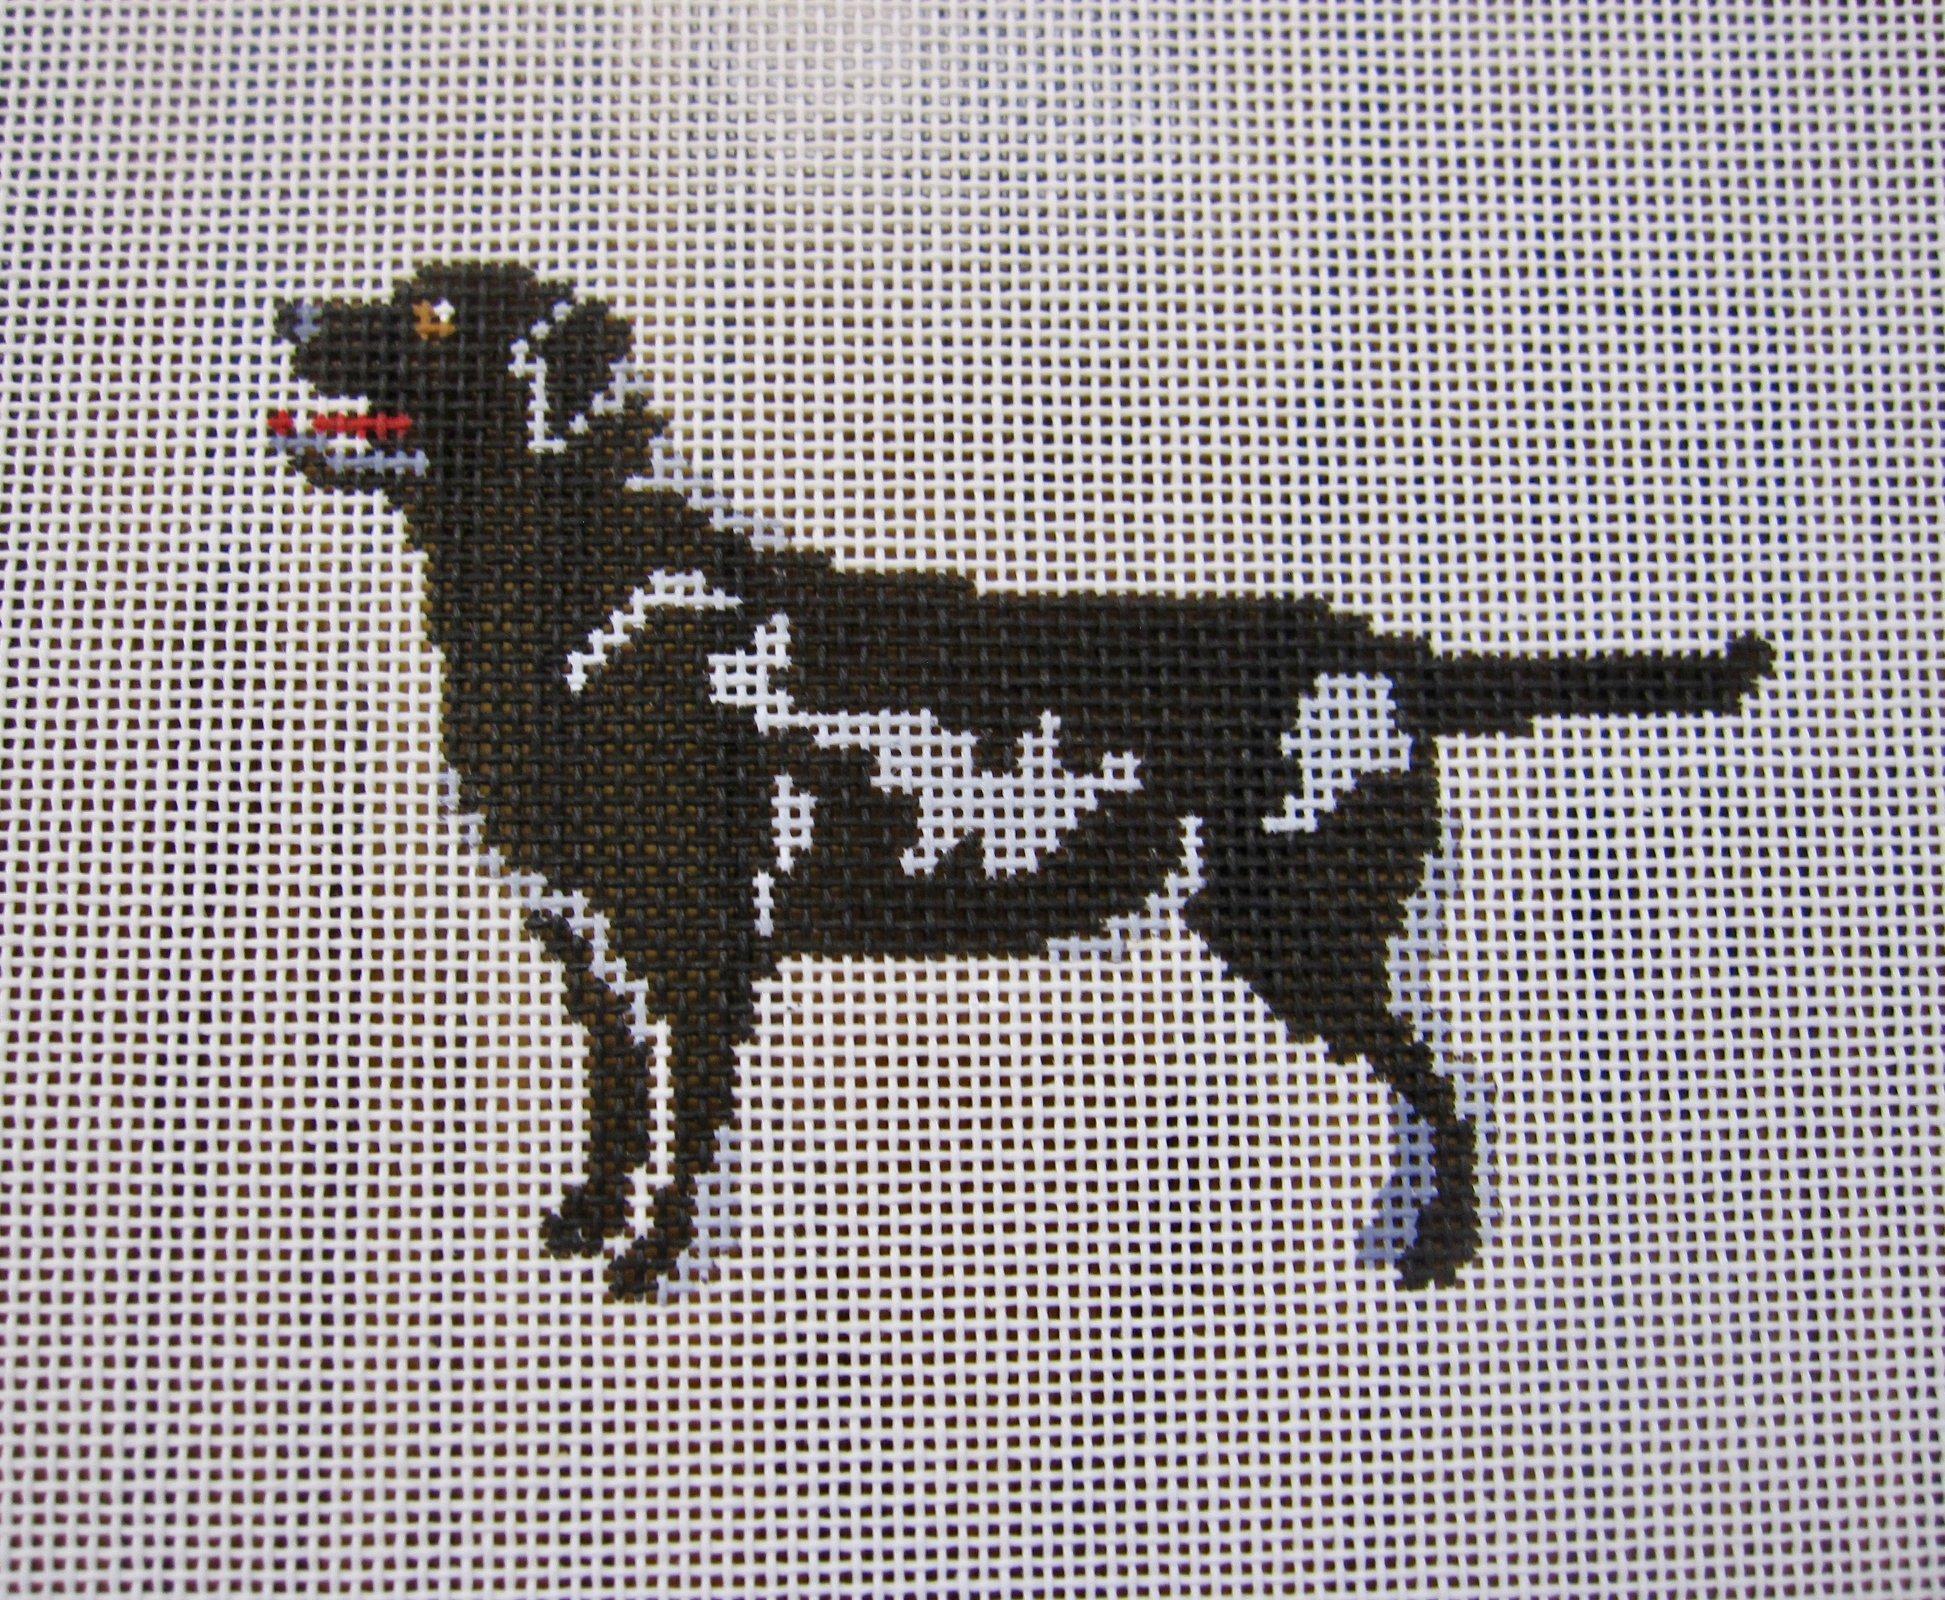 Quincy Black Labrador